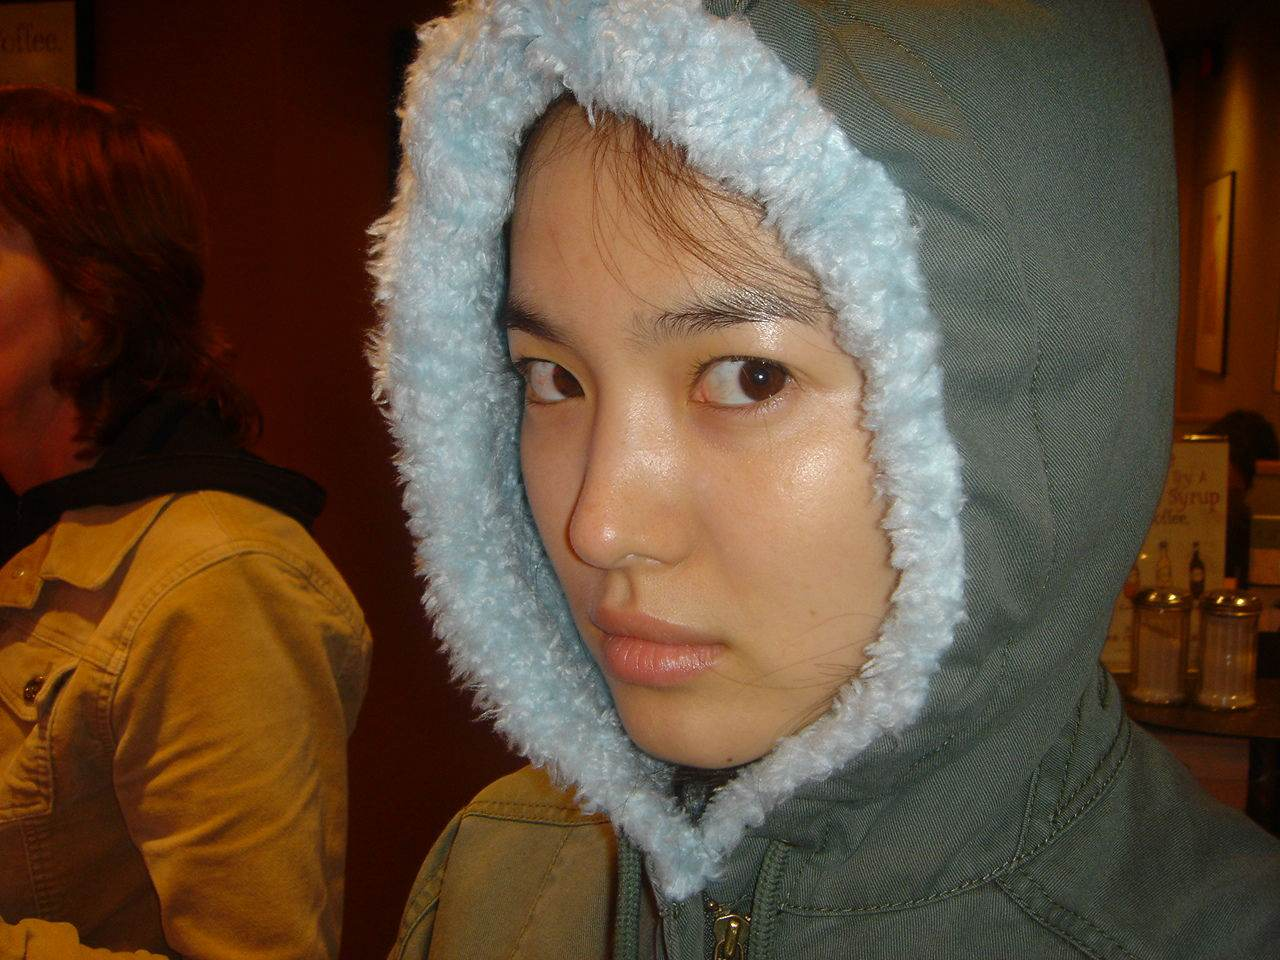 周冬雨杨丞琳素颜出镜 《楚乔传》赵丽颖《夏至未至》